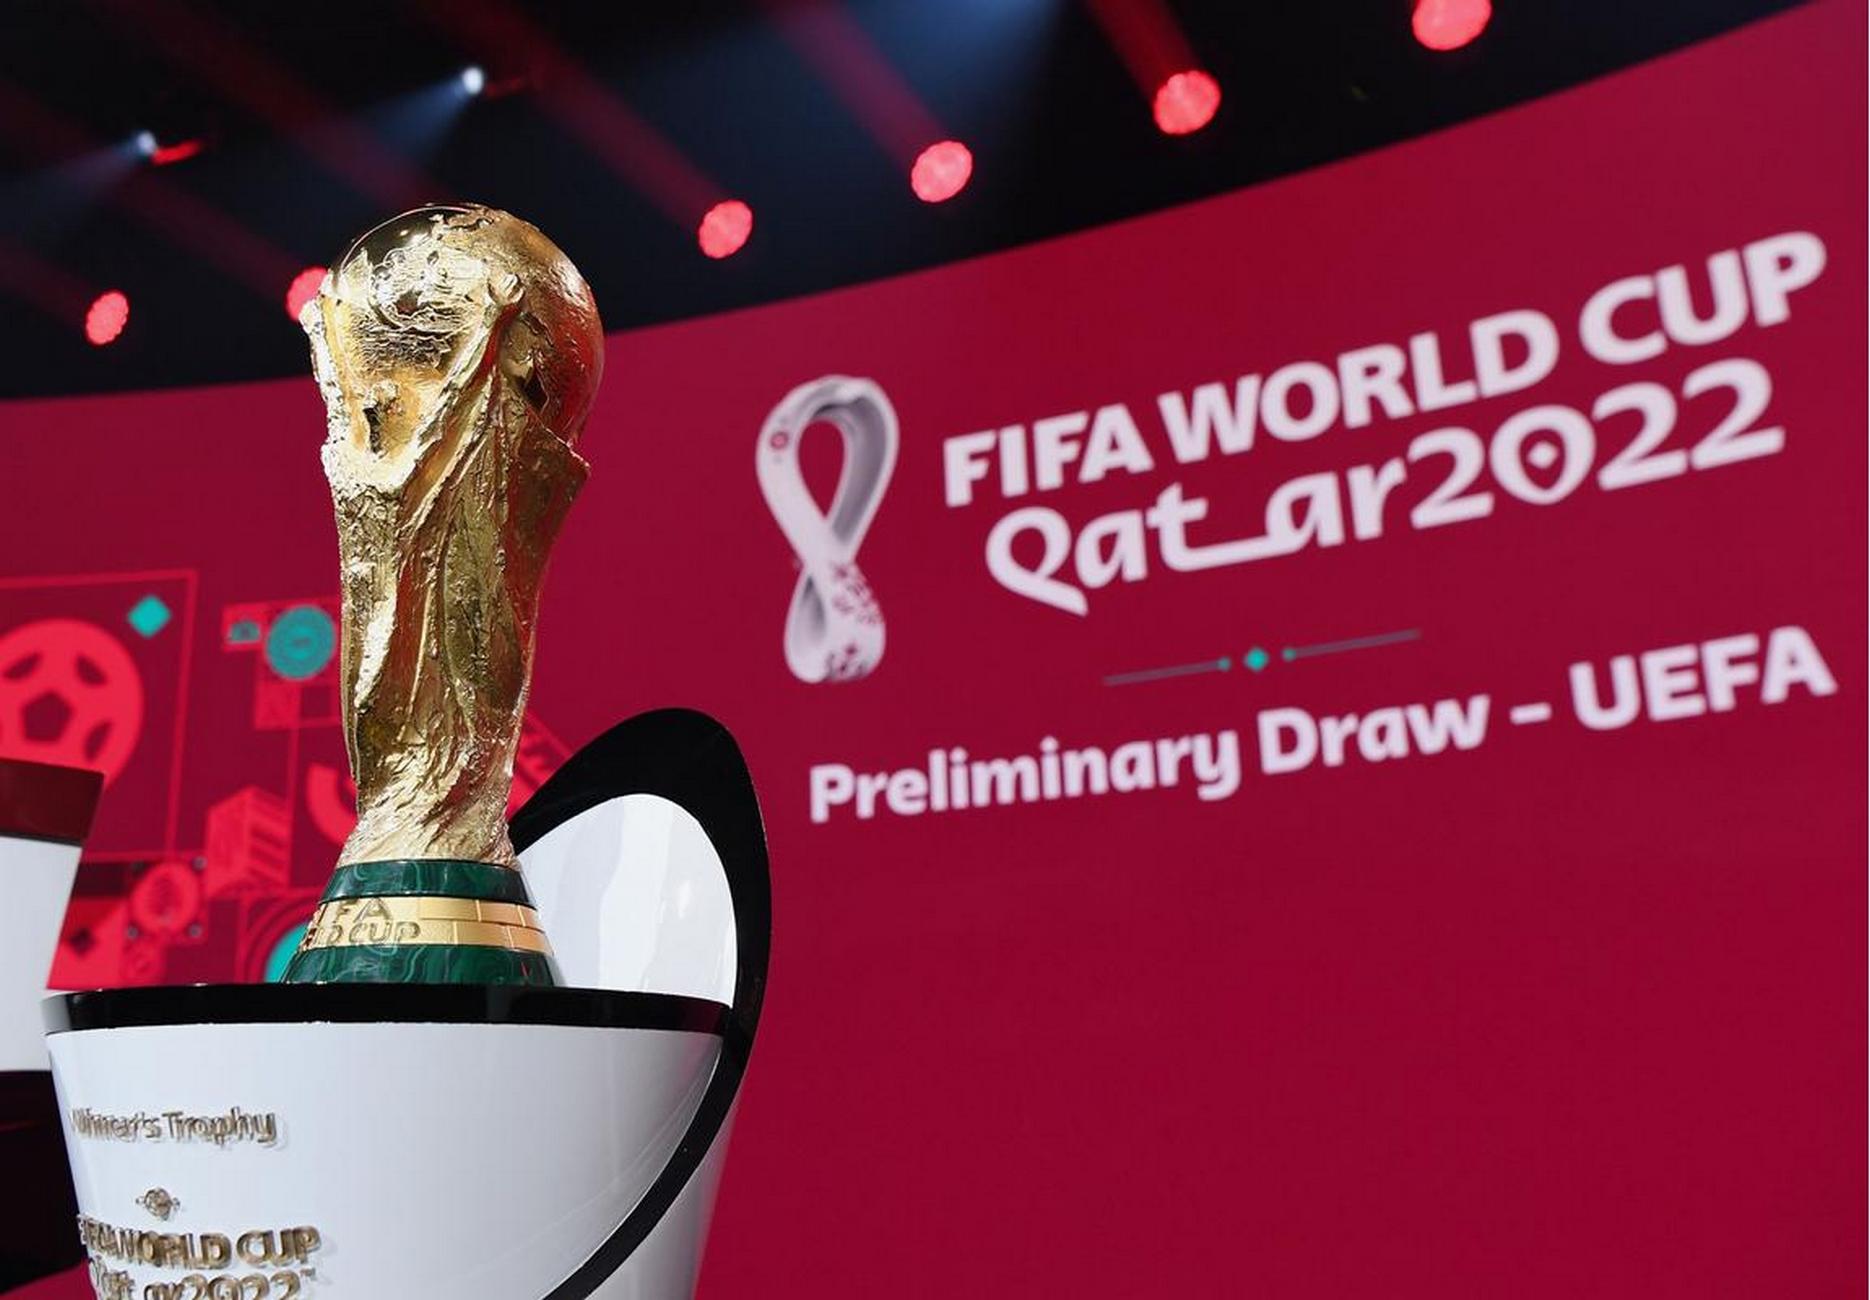 Κλήρωση Μουντιάλ 2022: Όλοι οι όμιλοι στην Ευρώπη!